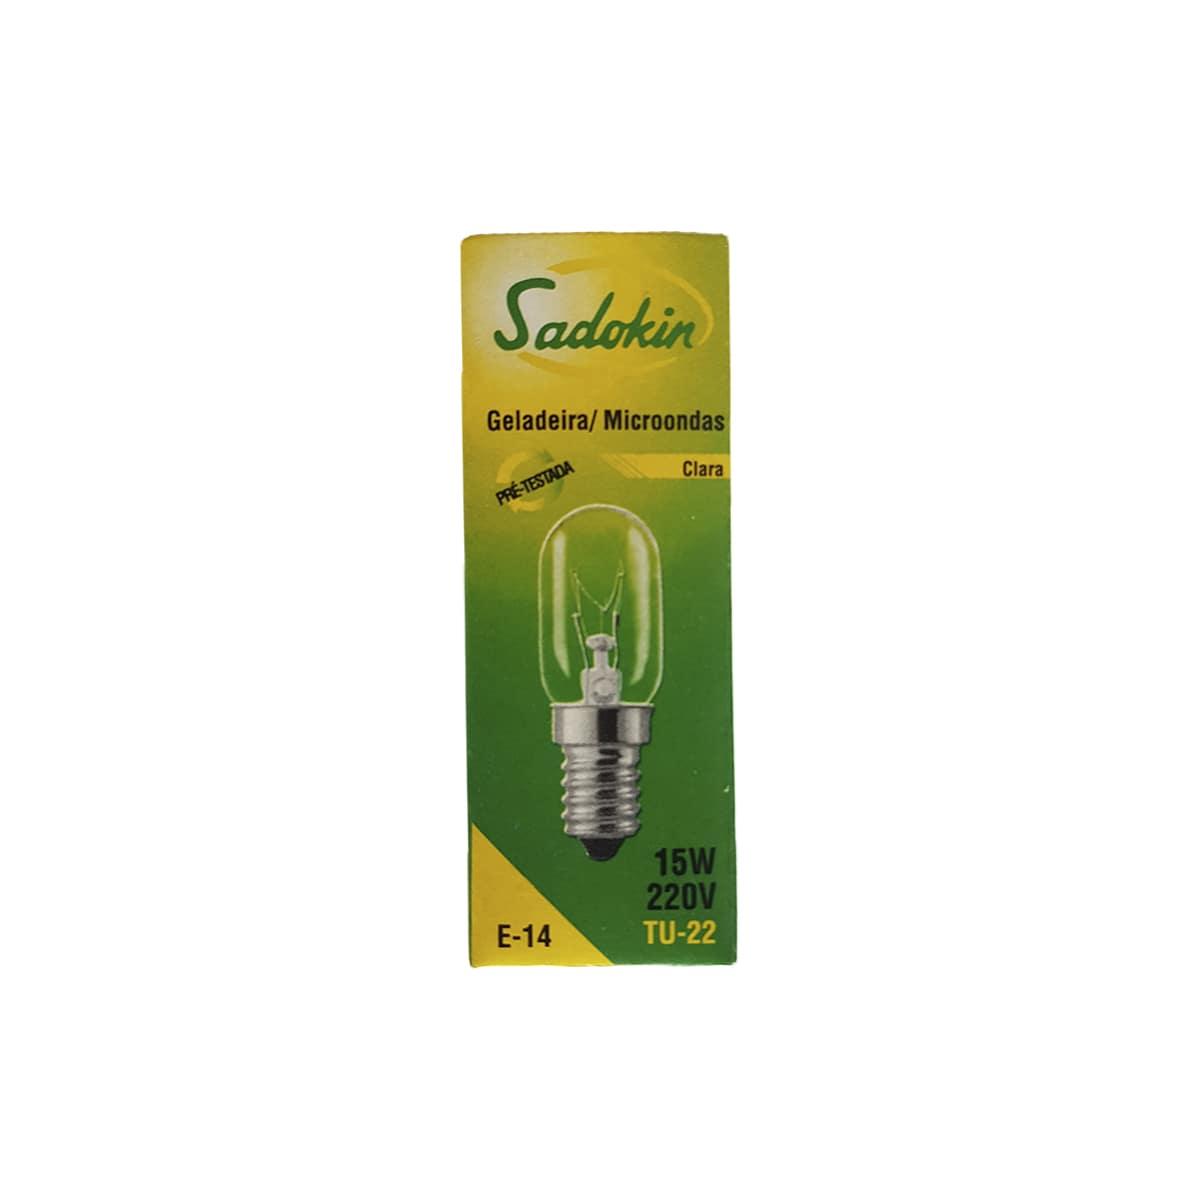 Lâmpada Para Geladeira Microondas Fogão Forno Rosca 14mm 220V 15w E-14